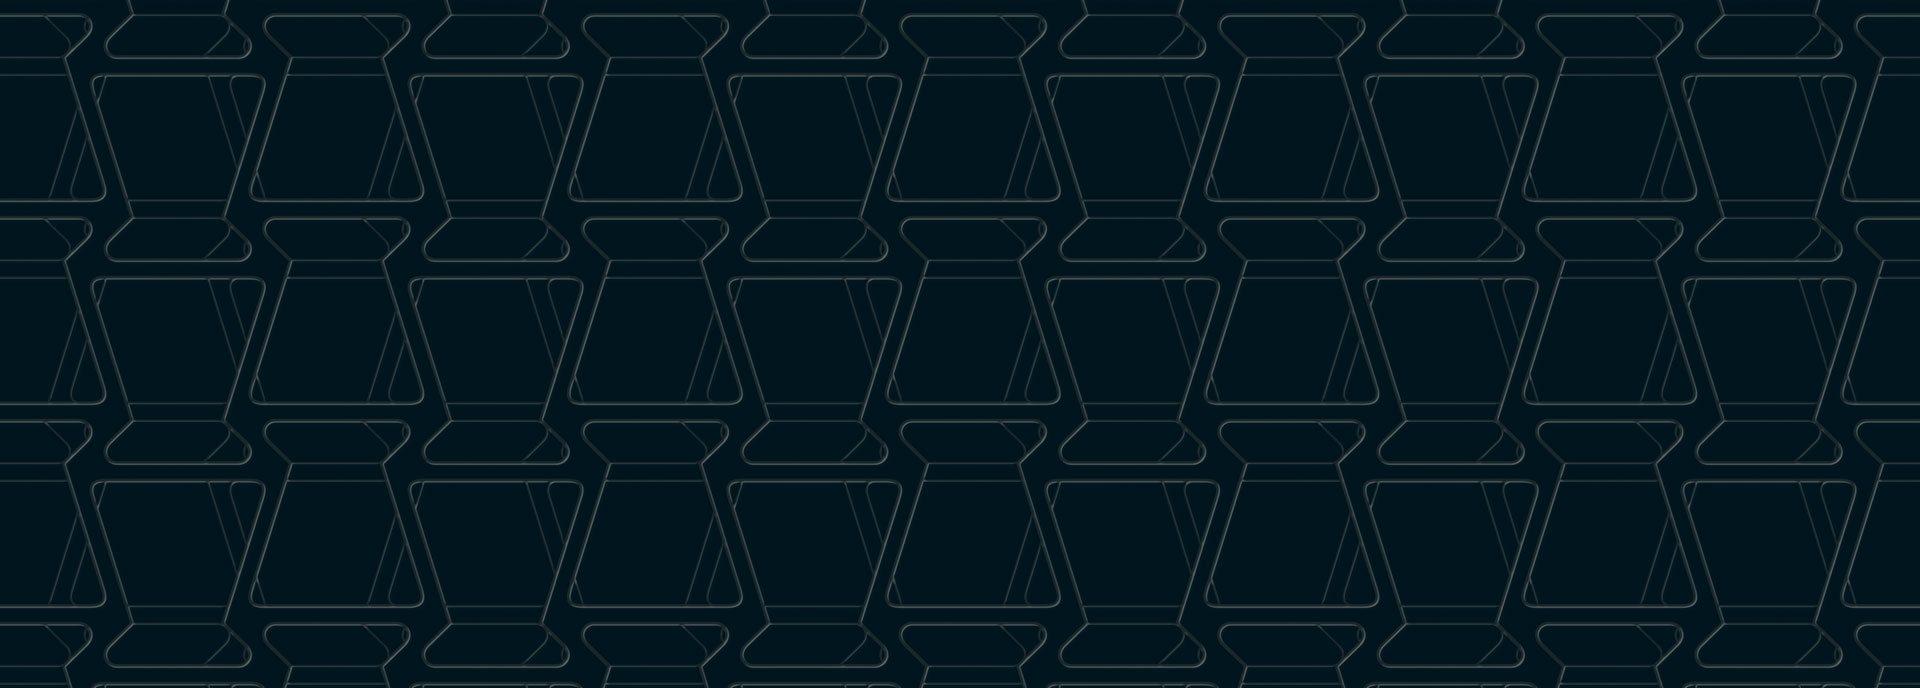 Uso de la geometría en los dibujos de rueda